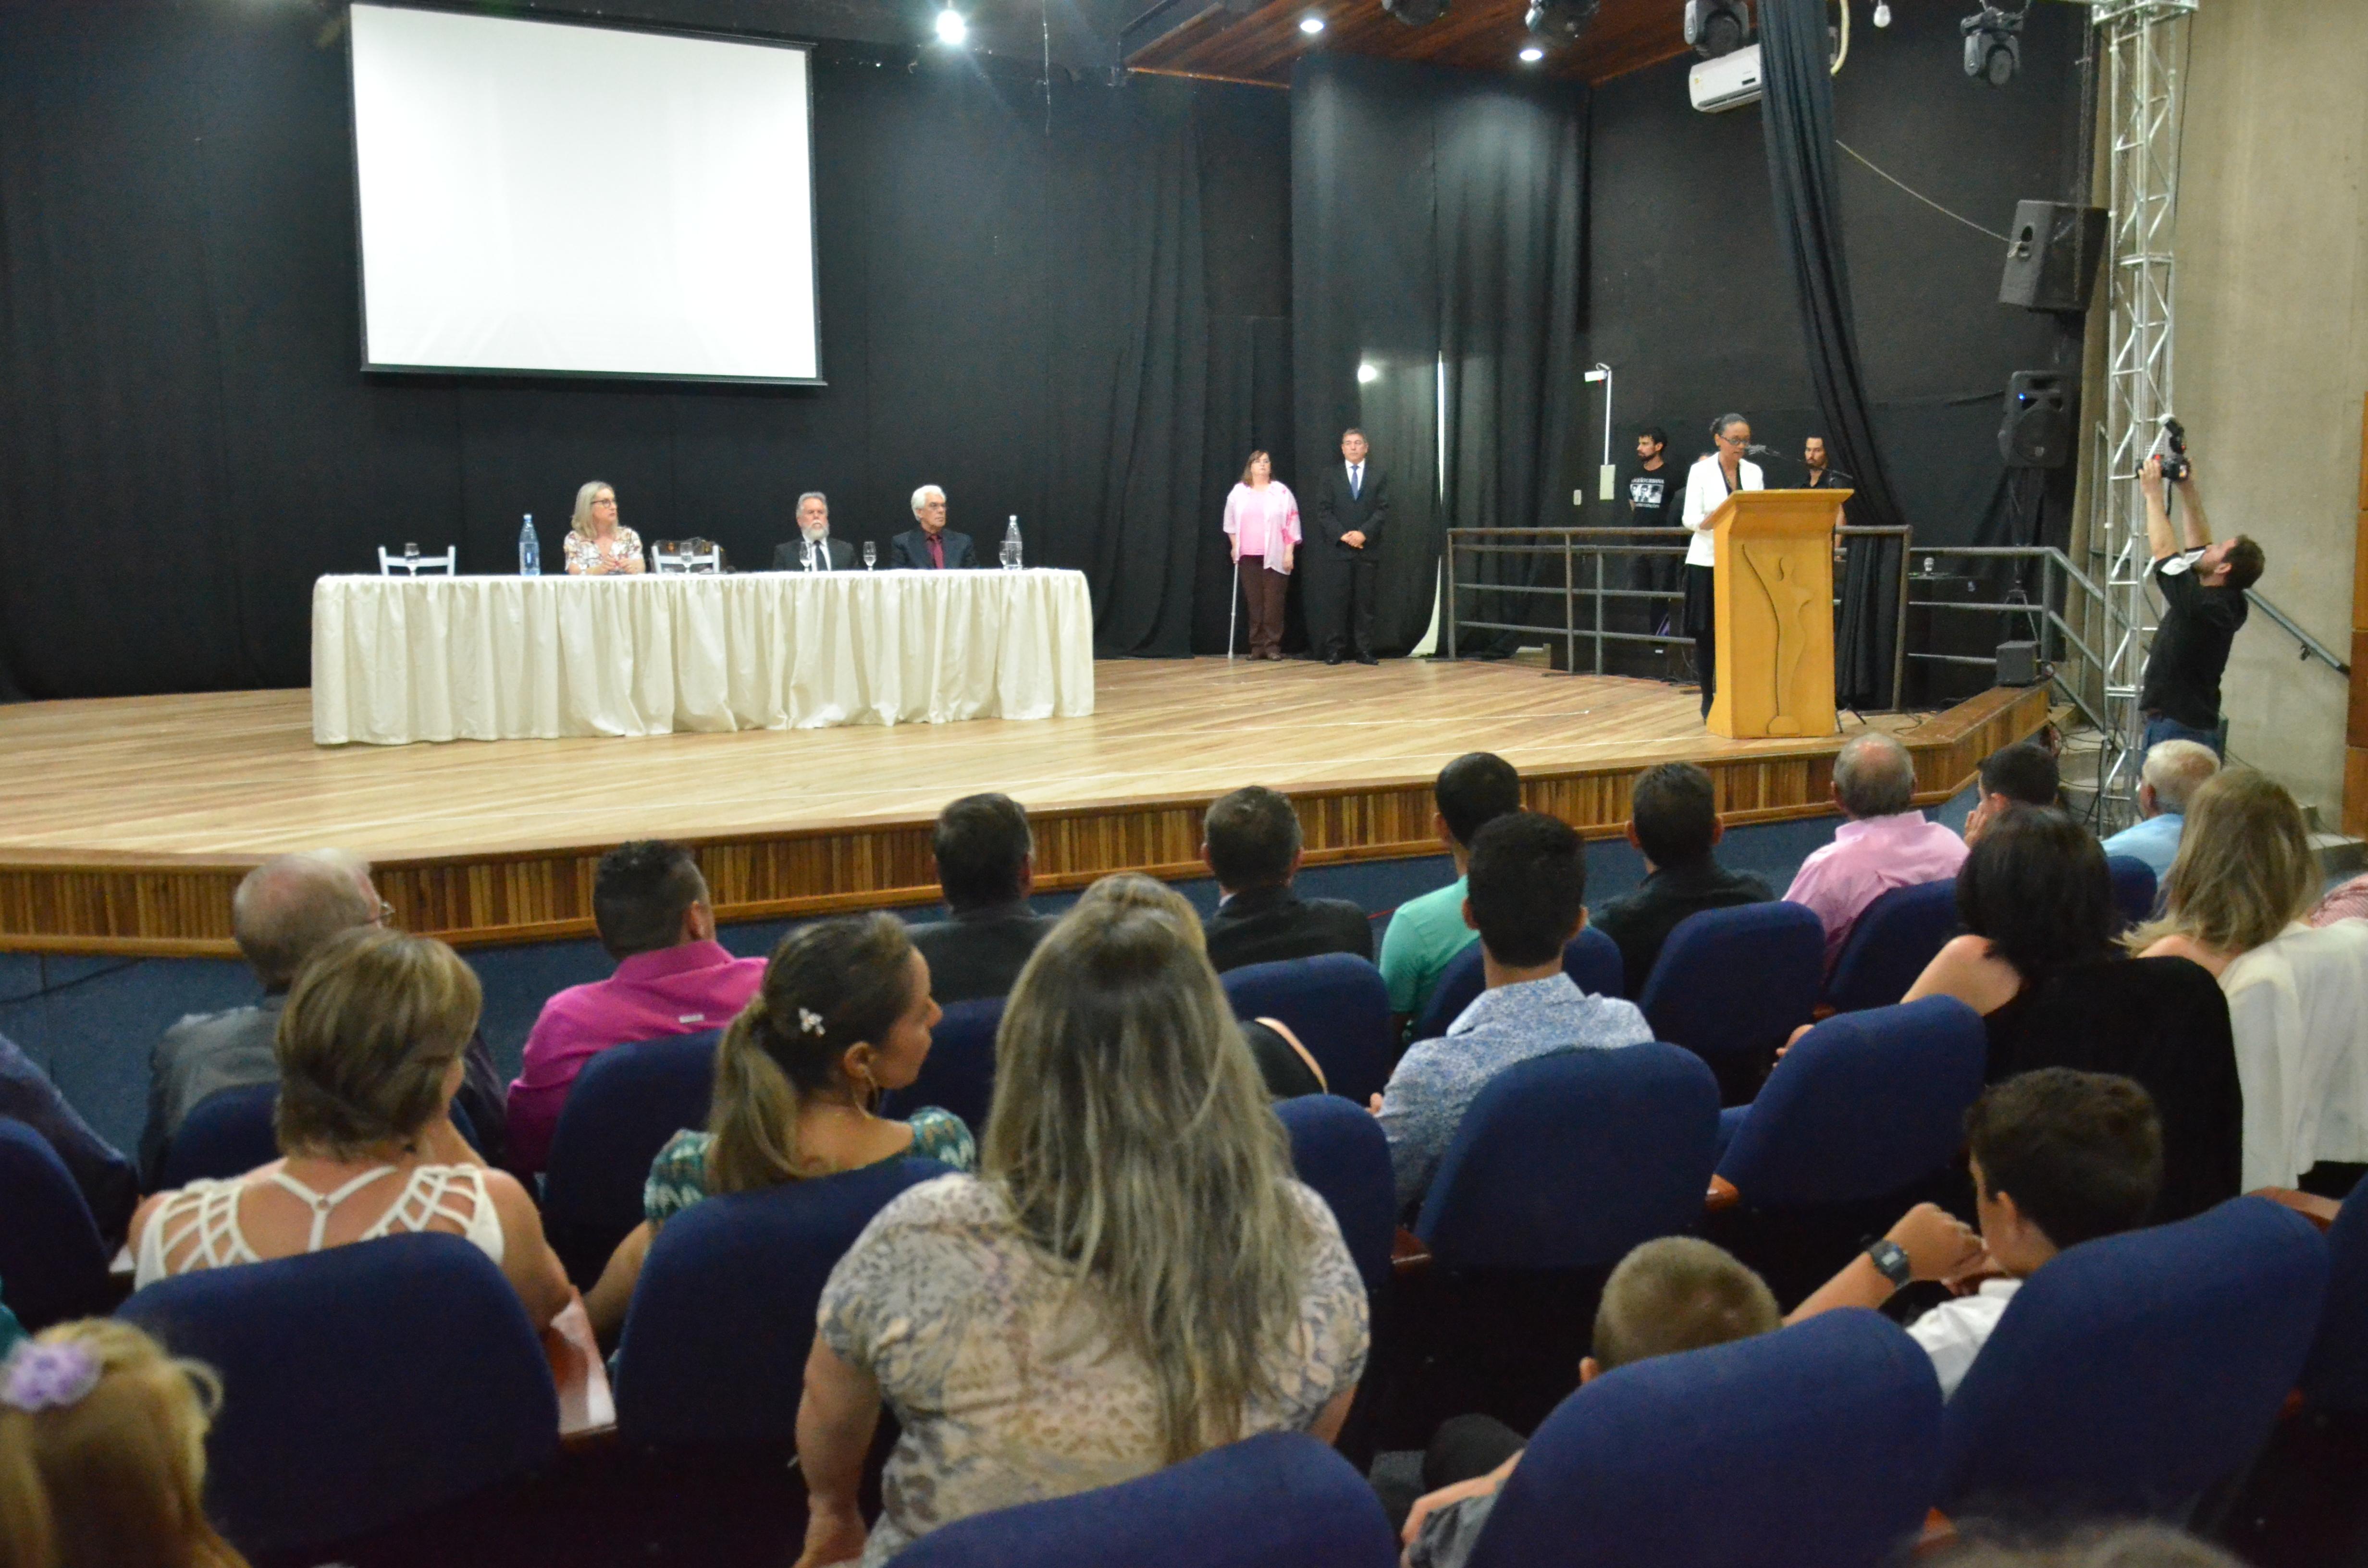 Diplomados os eleitos em Barros Cassal, Ibirapuitã e Mormaço